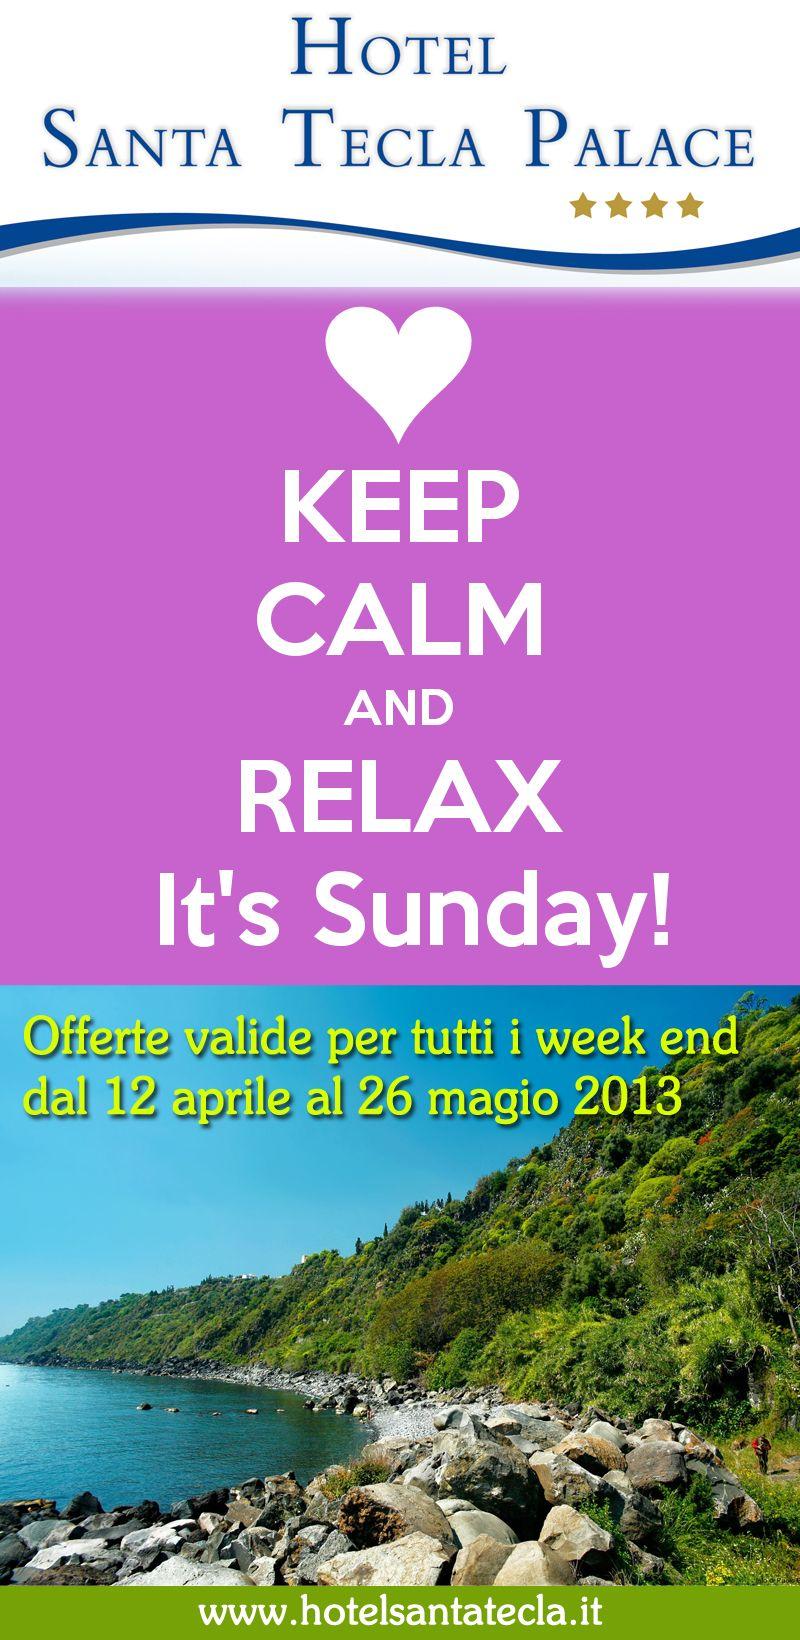 #Offerta imperdibile per i #weekend di #Aprile e #Maggio.  Per info visita il nostro #sito www.hotelsantatecla.it  #spring #hotel #santatecla #sicily #italy